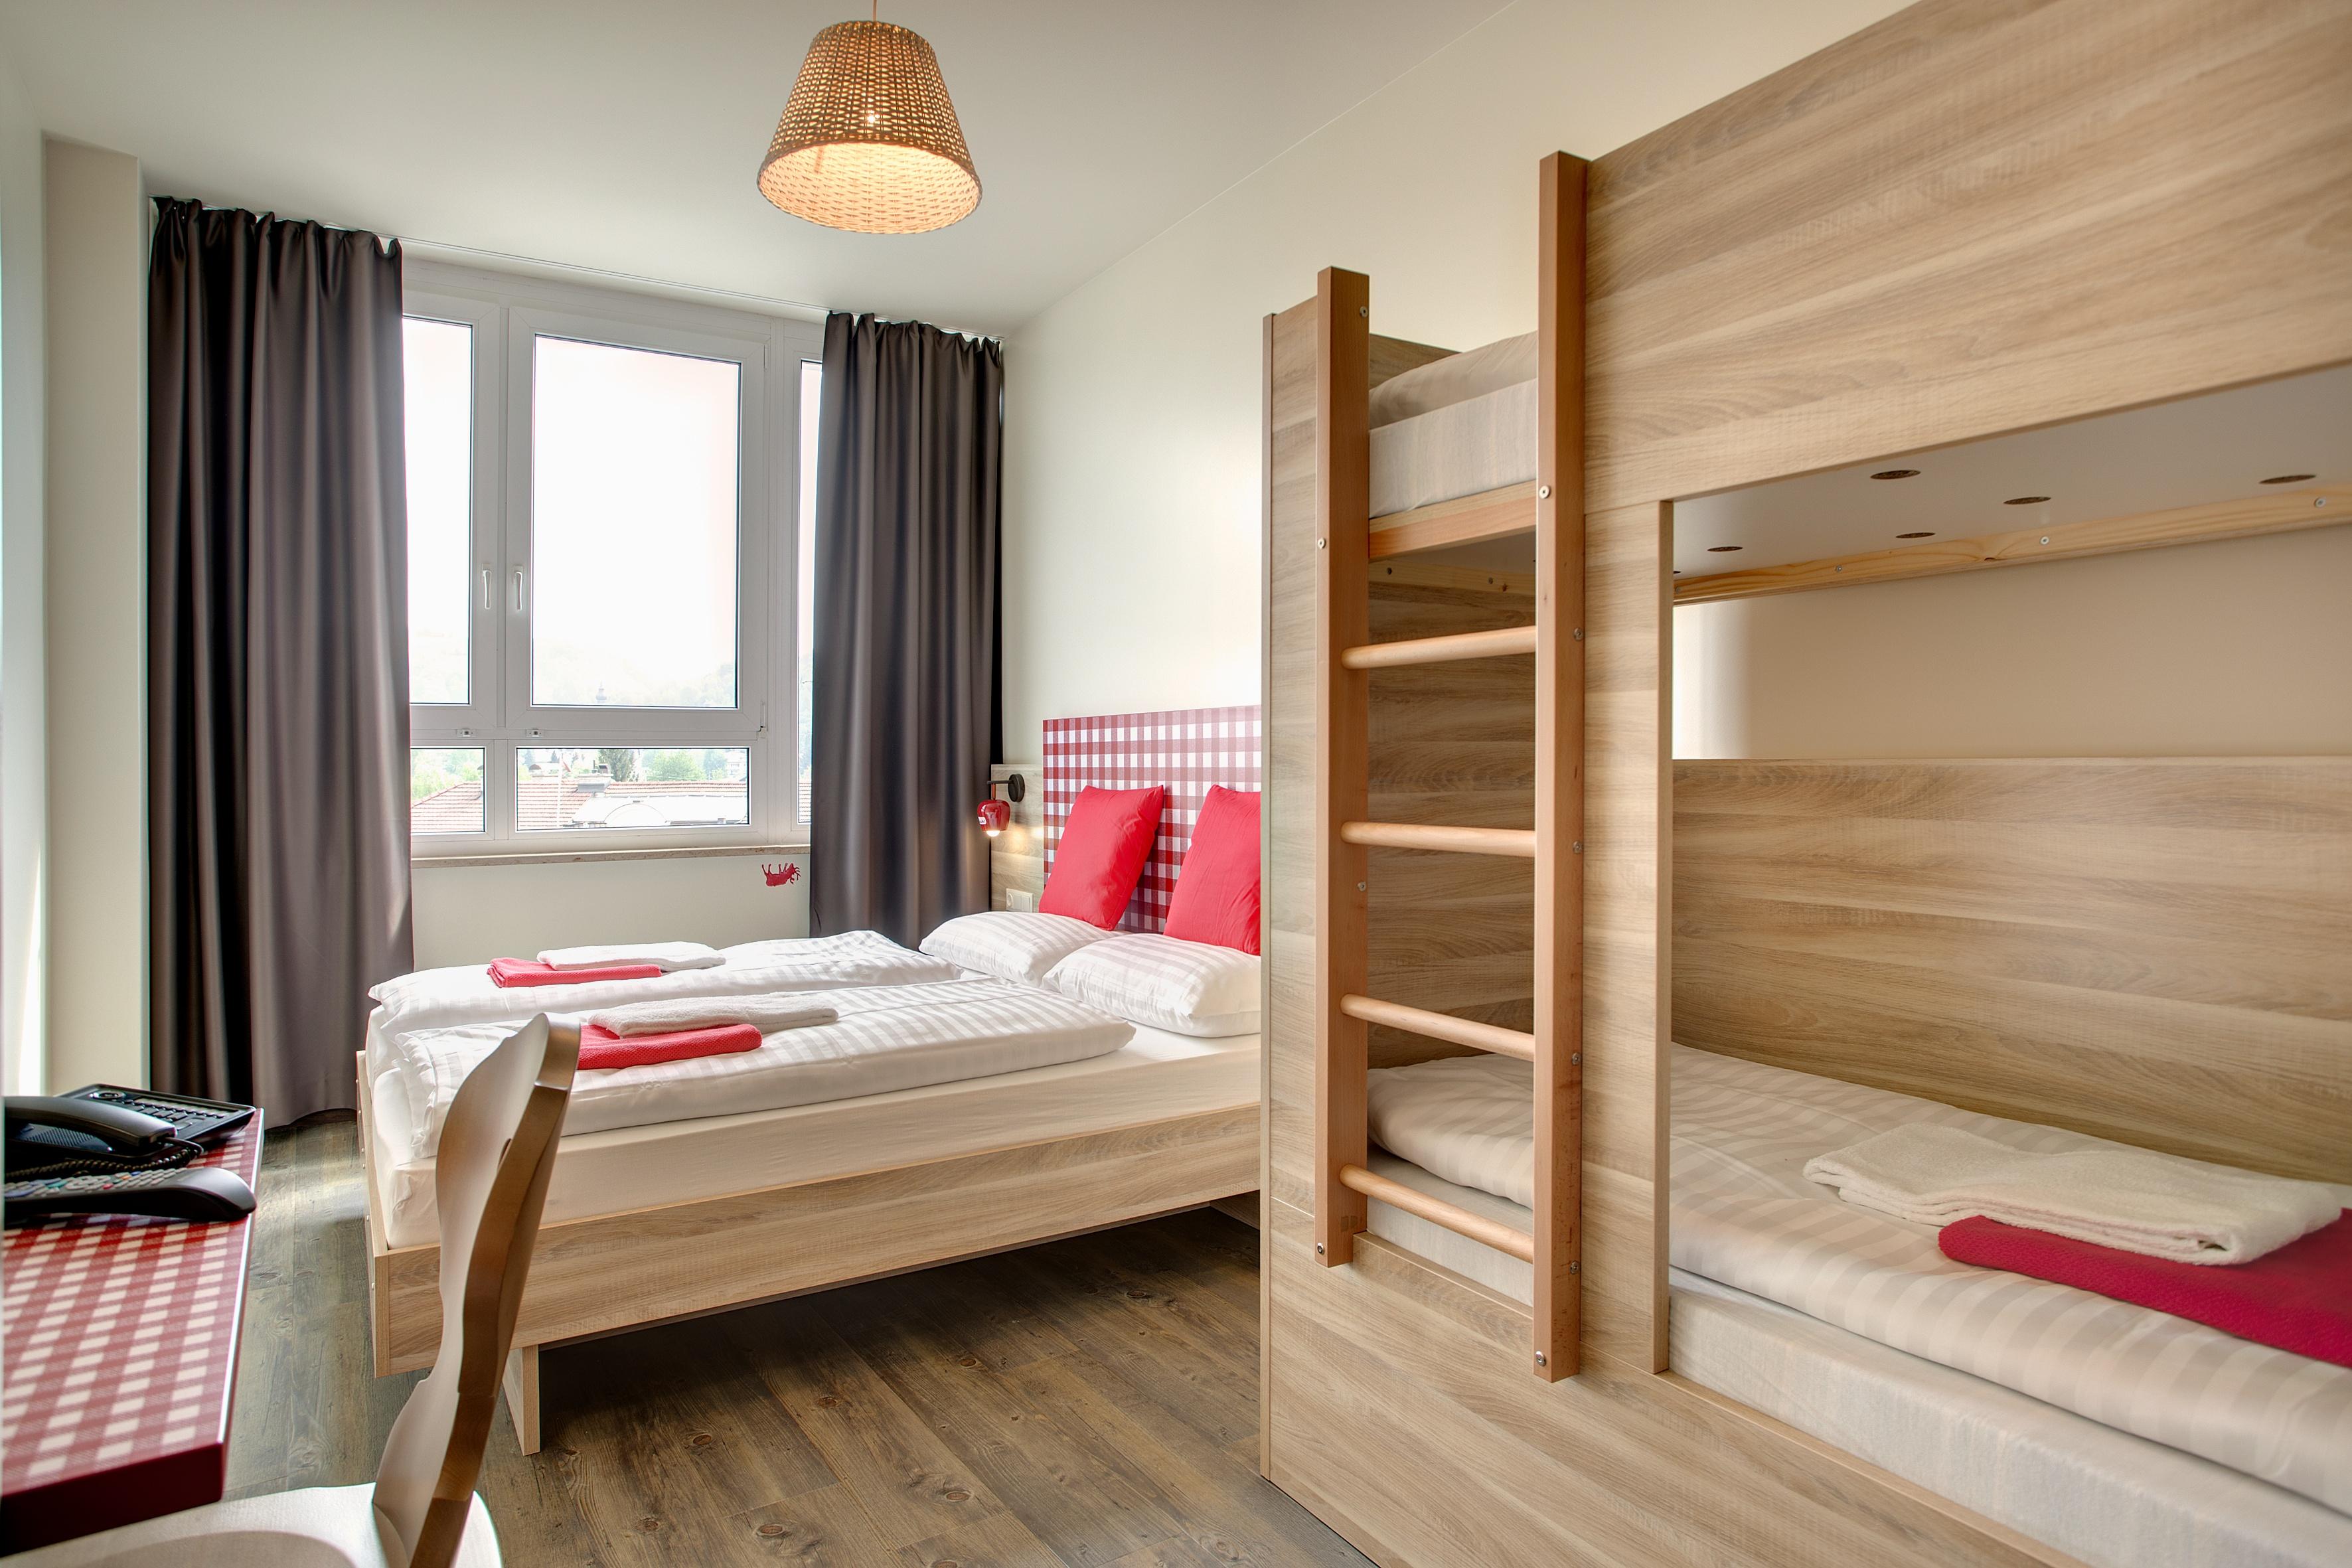 MEININGER Hotel Salzburg City Center - Family Room